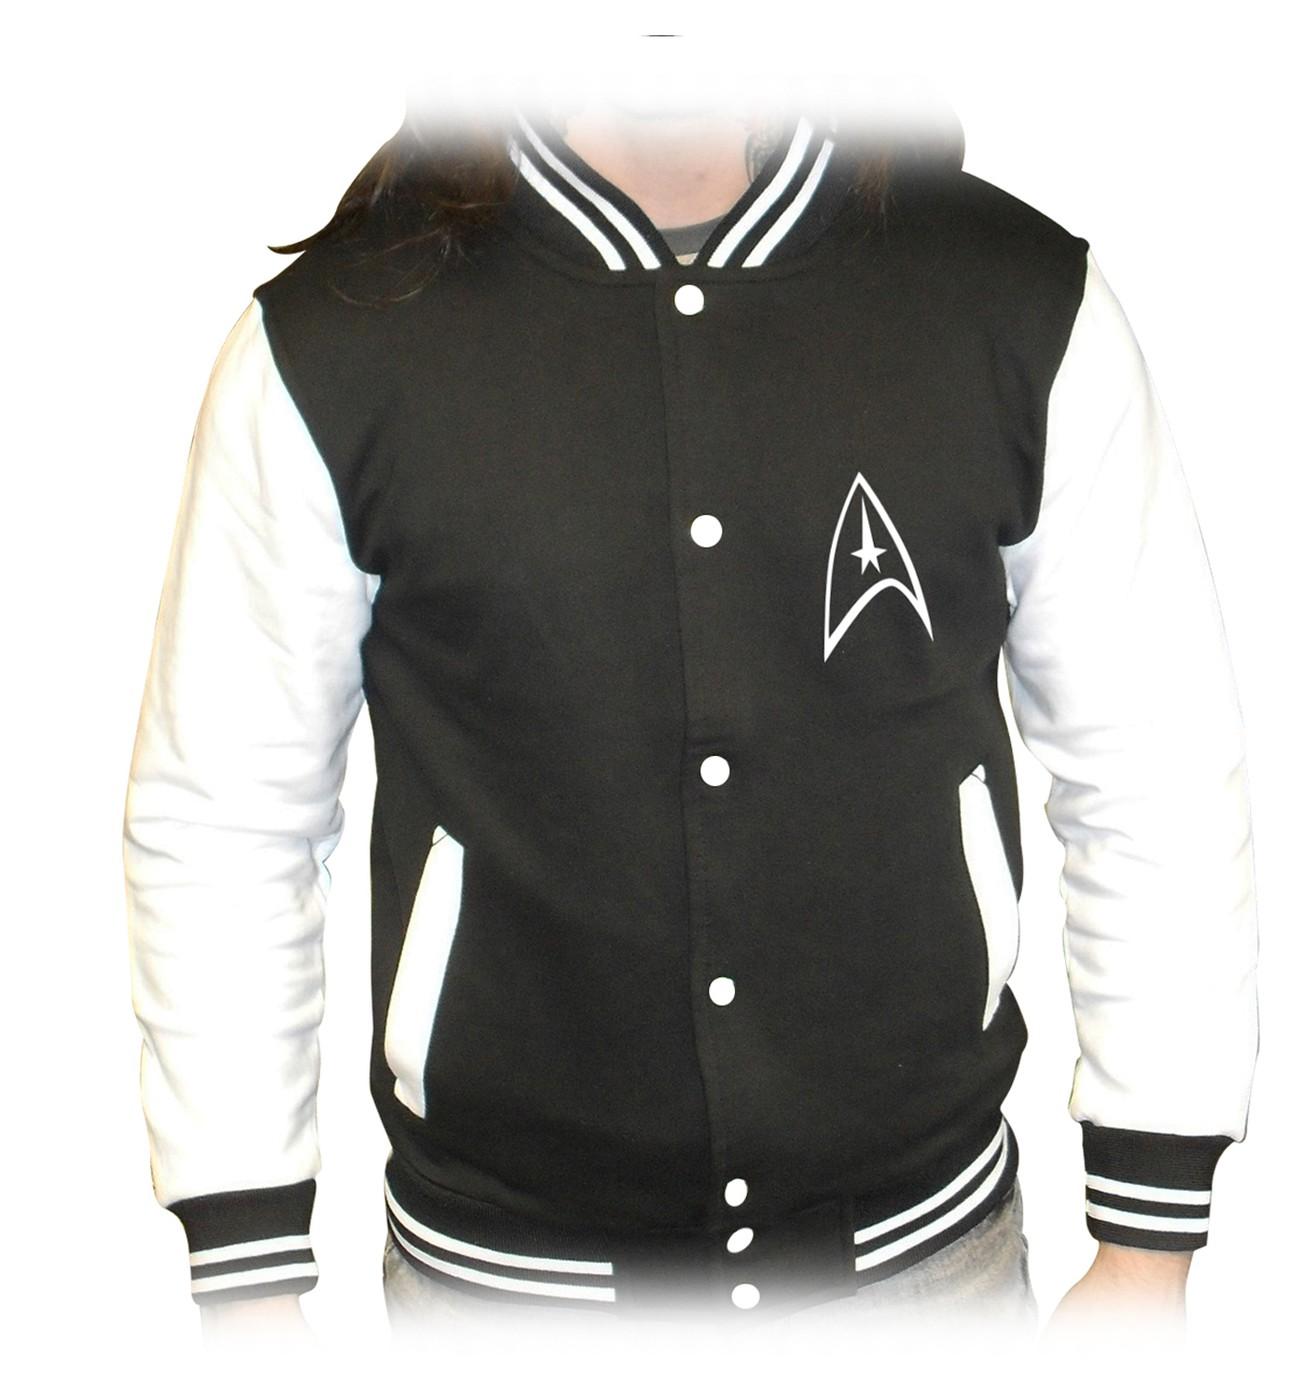 OFFICIAL Star Trek Badge varsity jacket